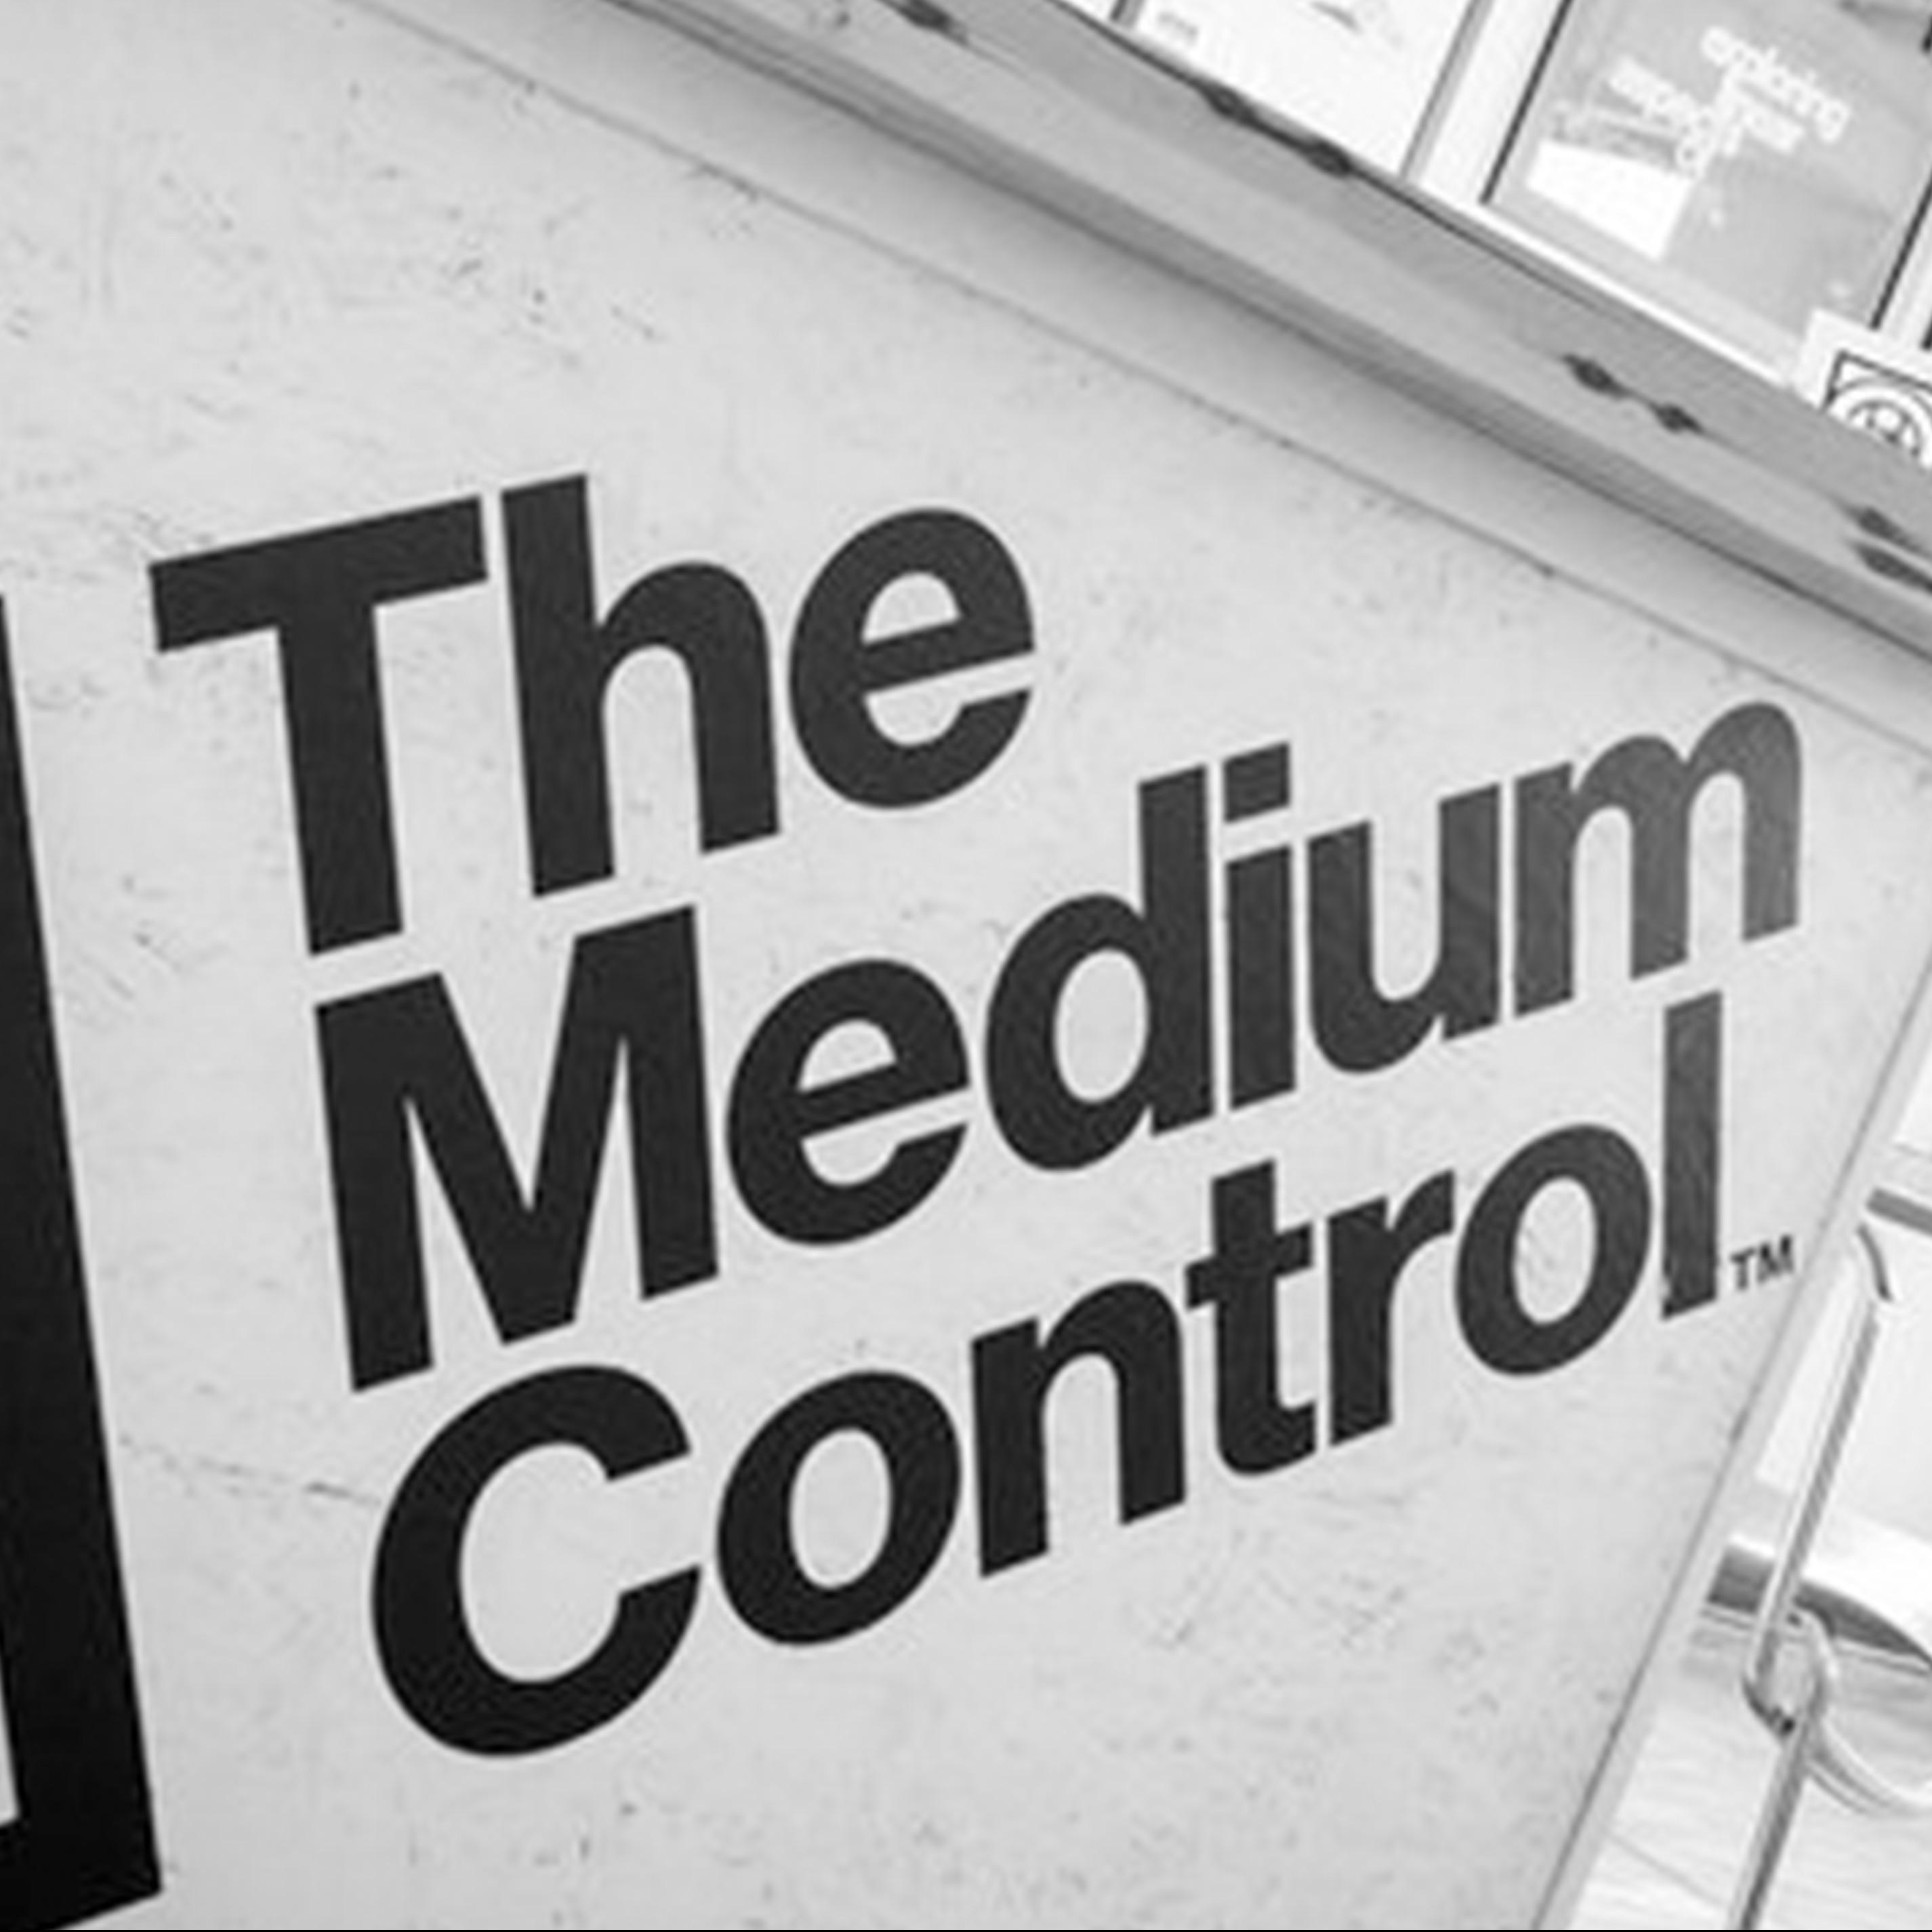 The Medium Control sign